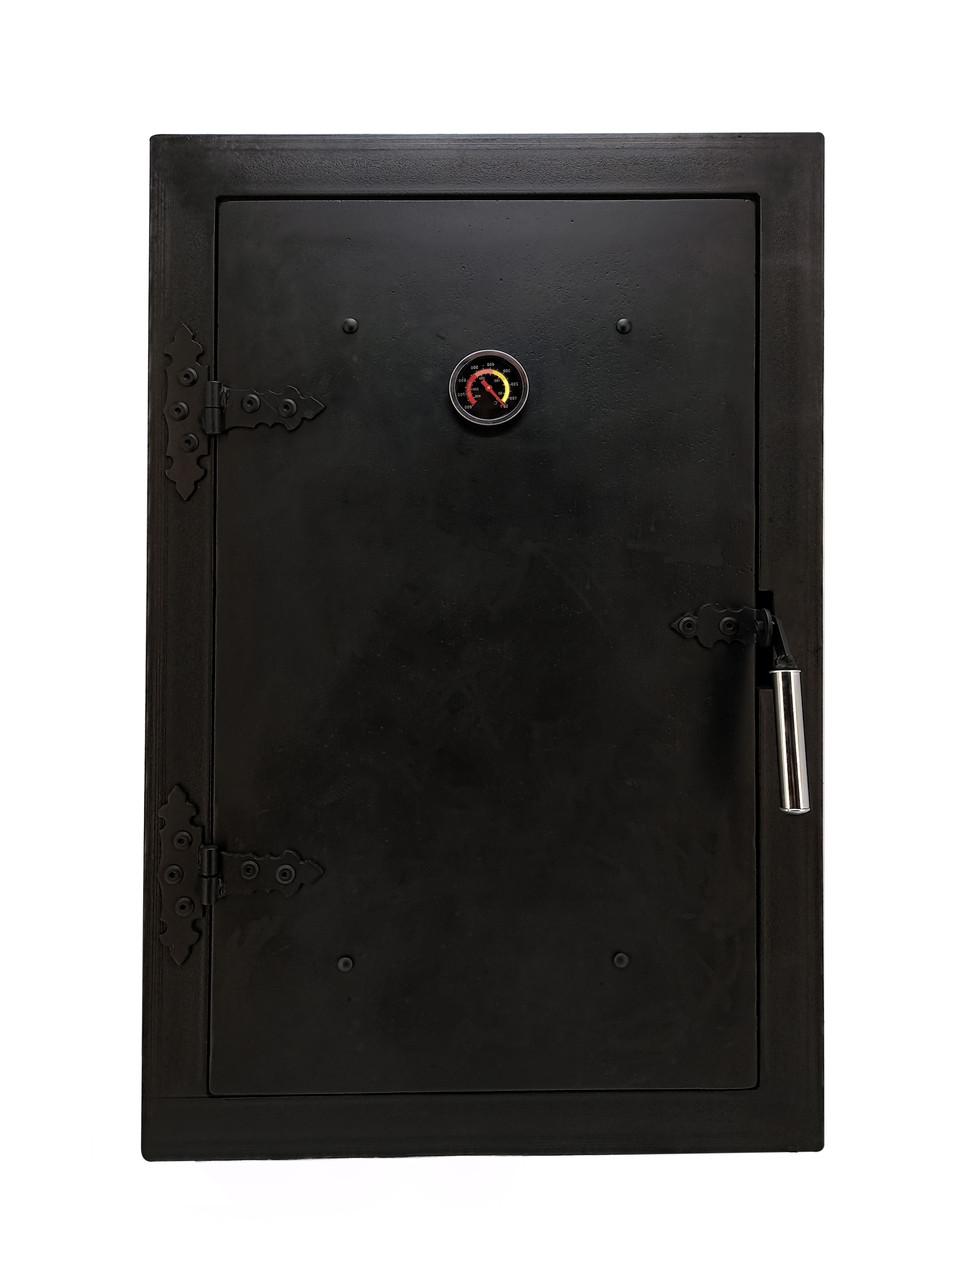 Дверца для коптилки чугунная с термометром, печная дверка в коптильню 102811